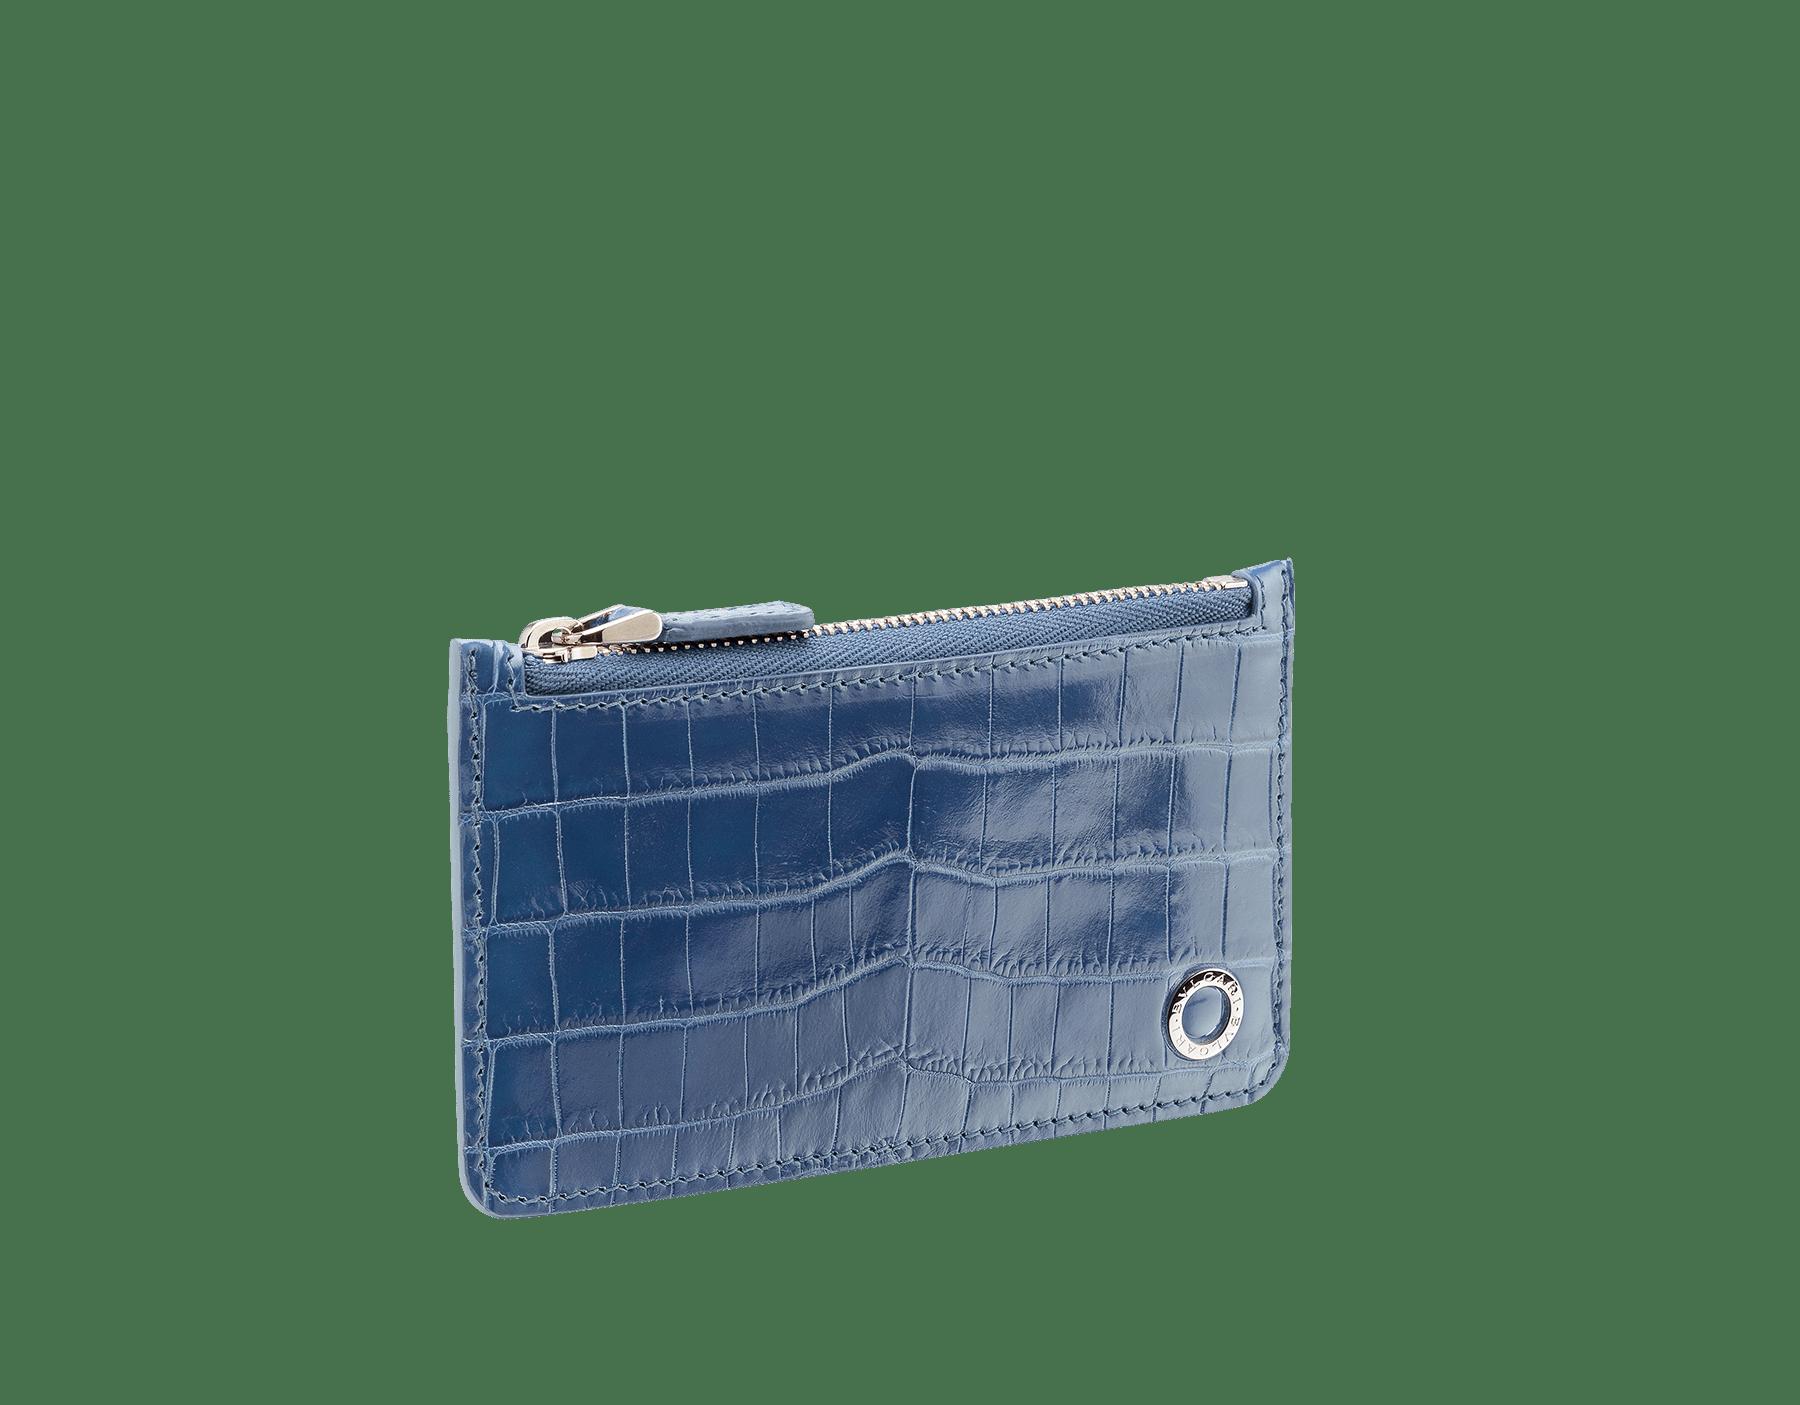 羅馬石榴石色亮面鱷魚皮和單寧藍光滑小牛皮信用卡夾,飾以鍍鈀黃銅 Bulgari Bulgari 元素。 BBM-CC-HOLDER-ZIP image 2